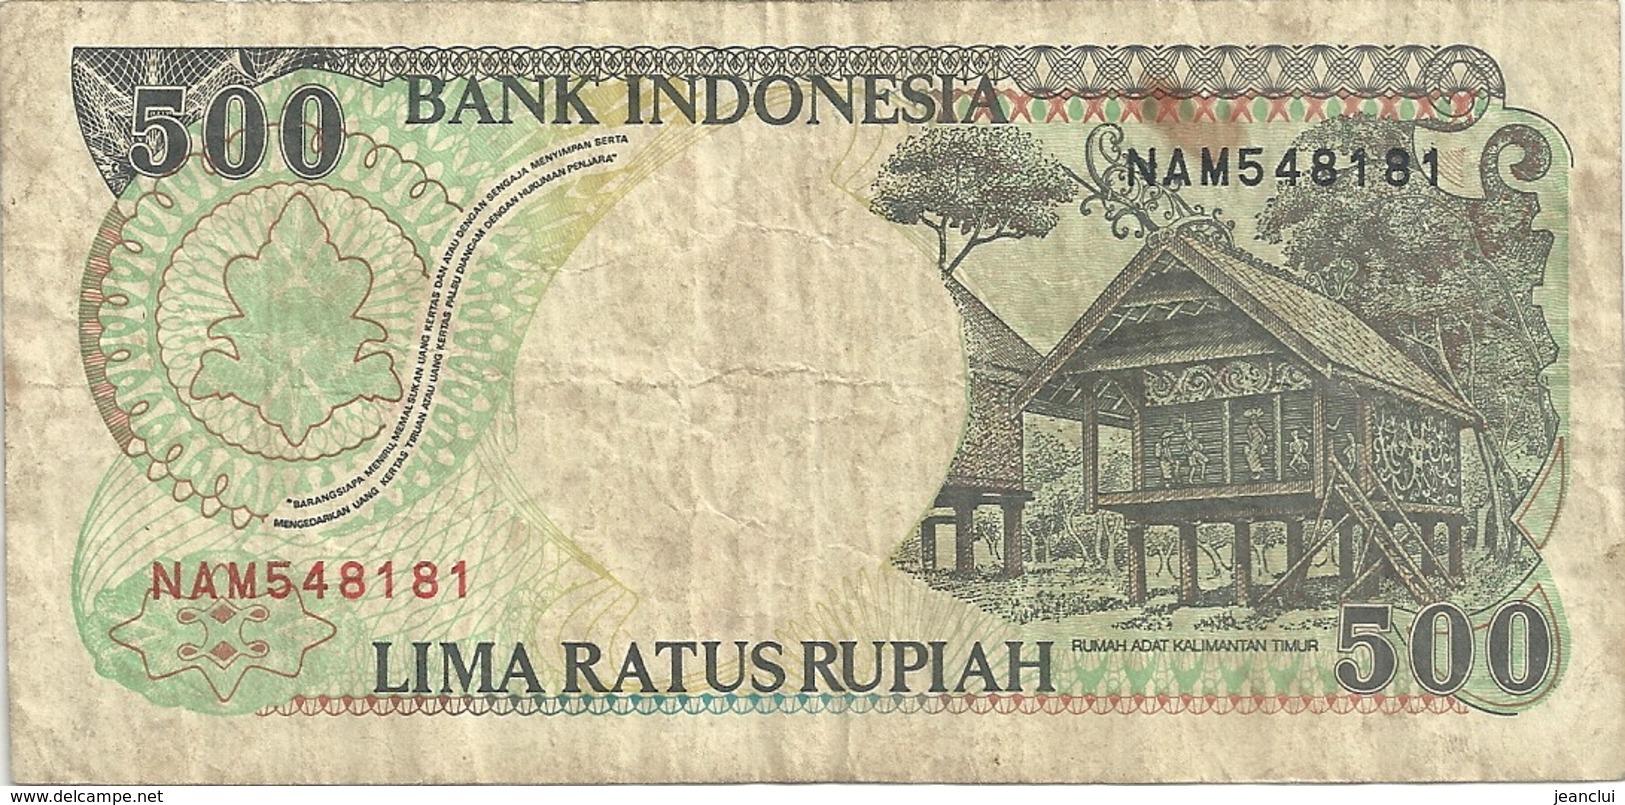 BANK INDONESIA - 500 RUPIAH . 1992 . N° NAM548181 .. 2 SCANES - Indonésie